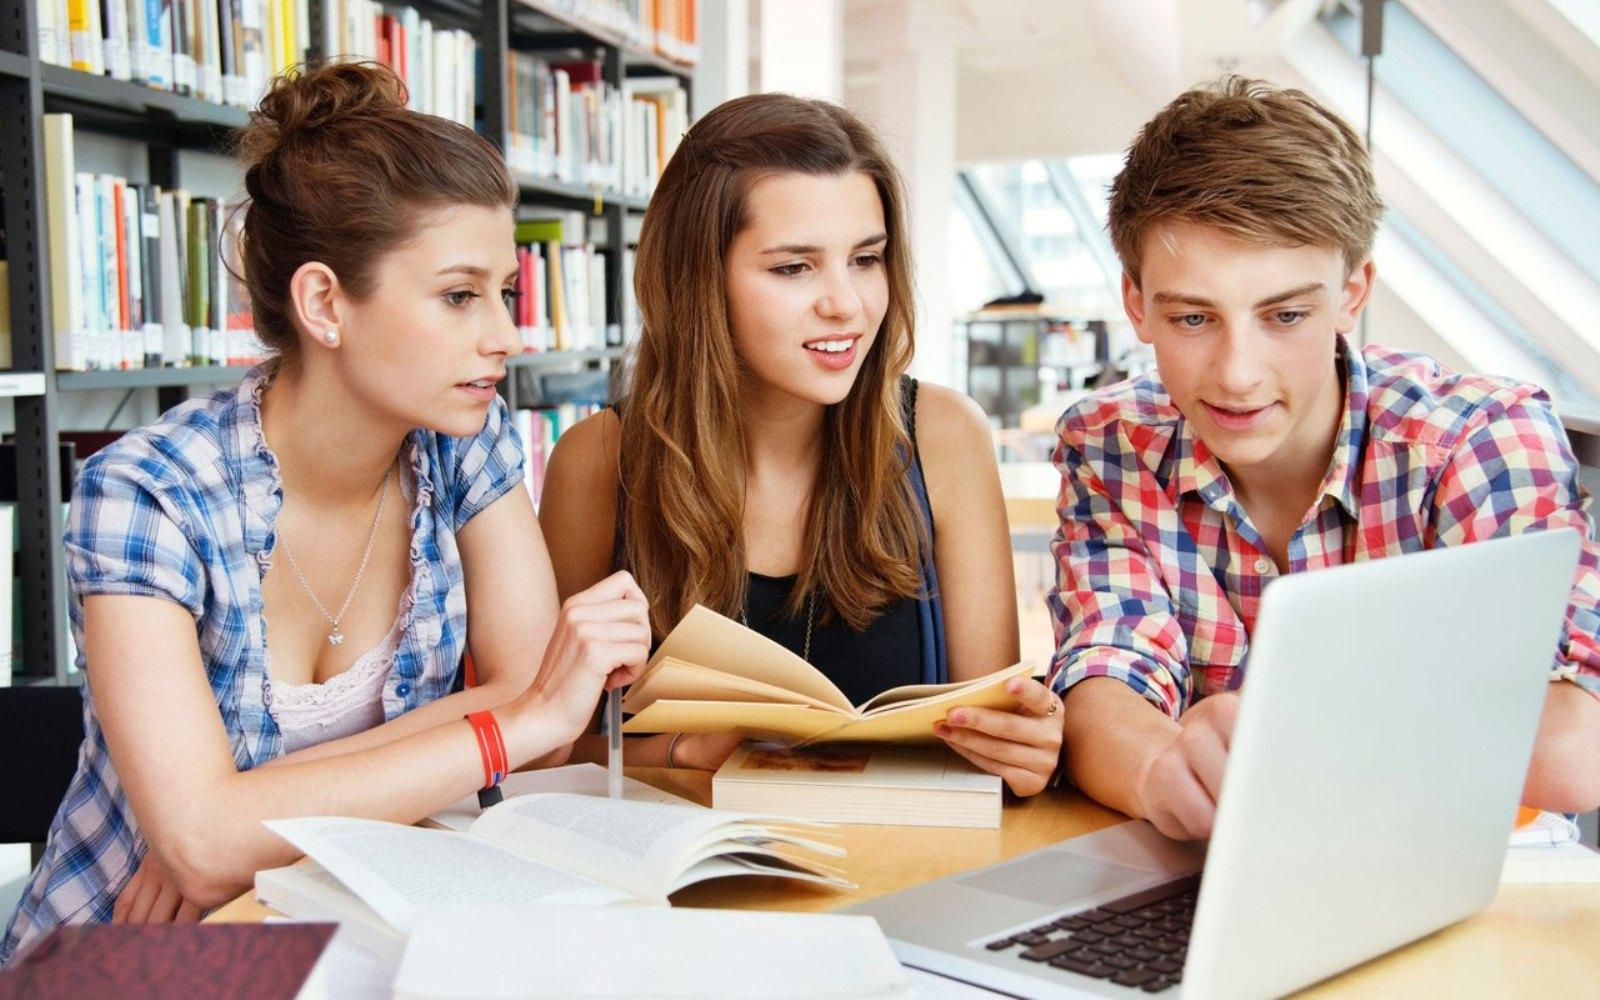 Какое образование имеет самую высокую рентабельность инвестиций